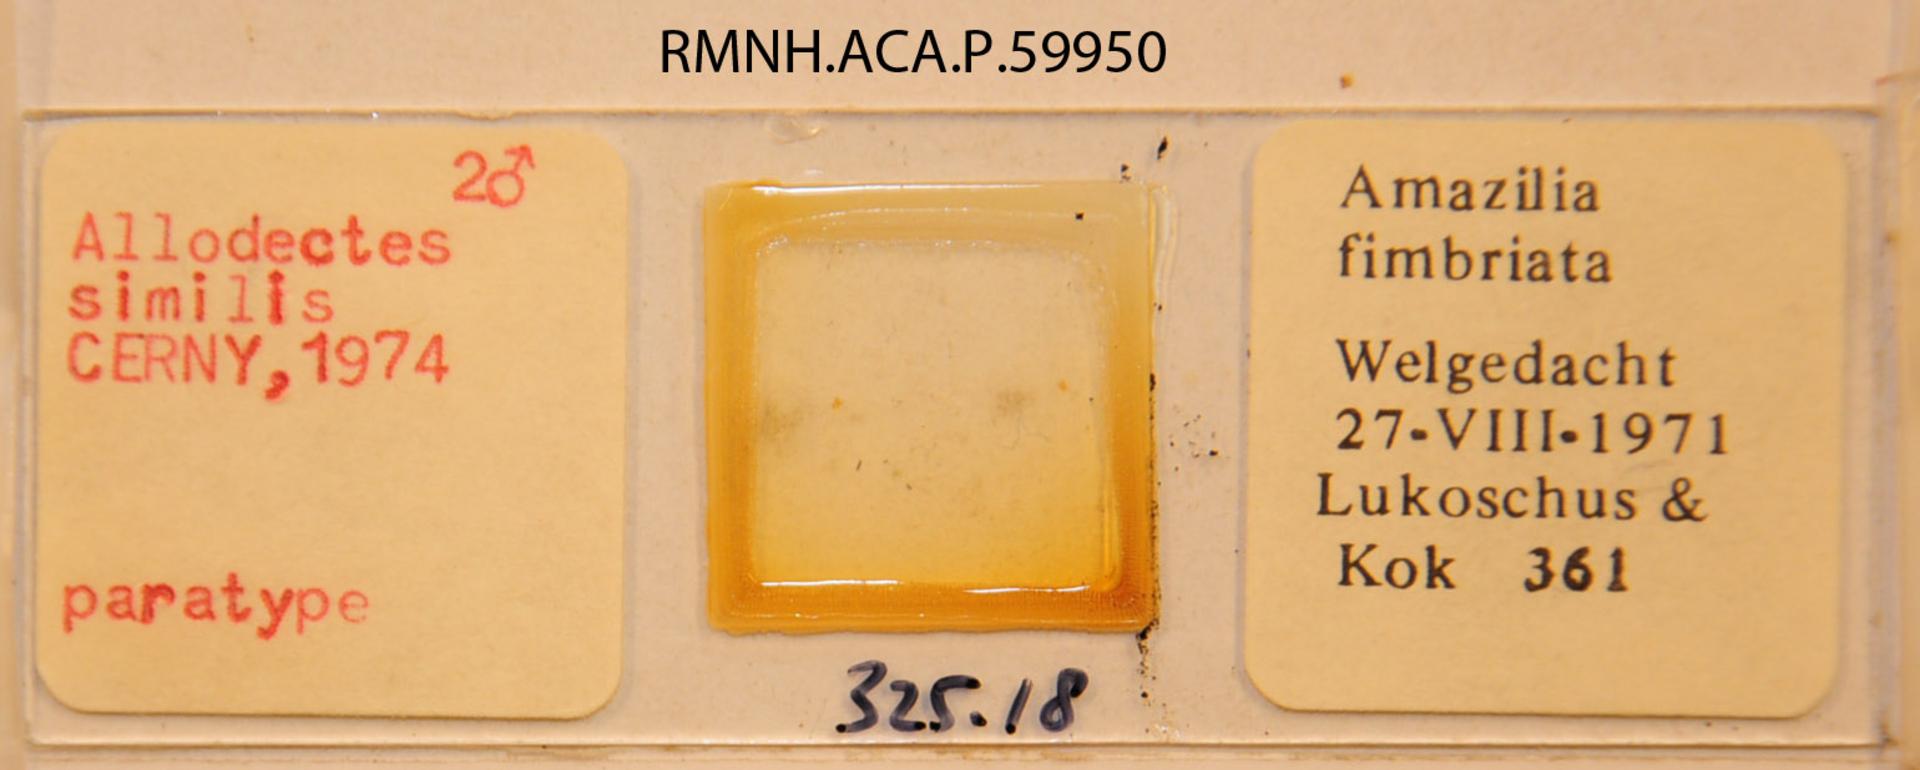 RMNH.ACA.P.59950 | Allodectes similis Cerny, 1974